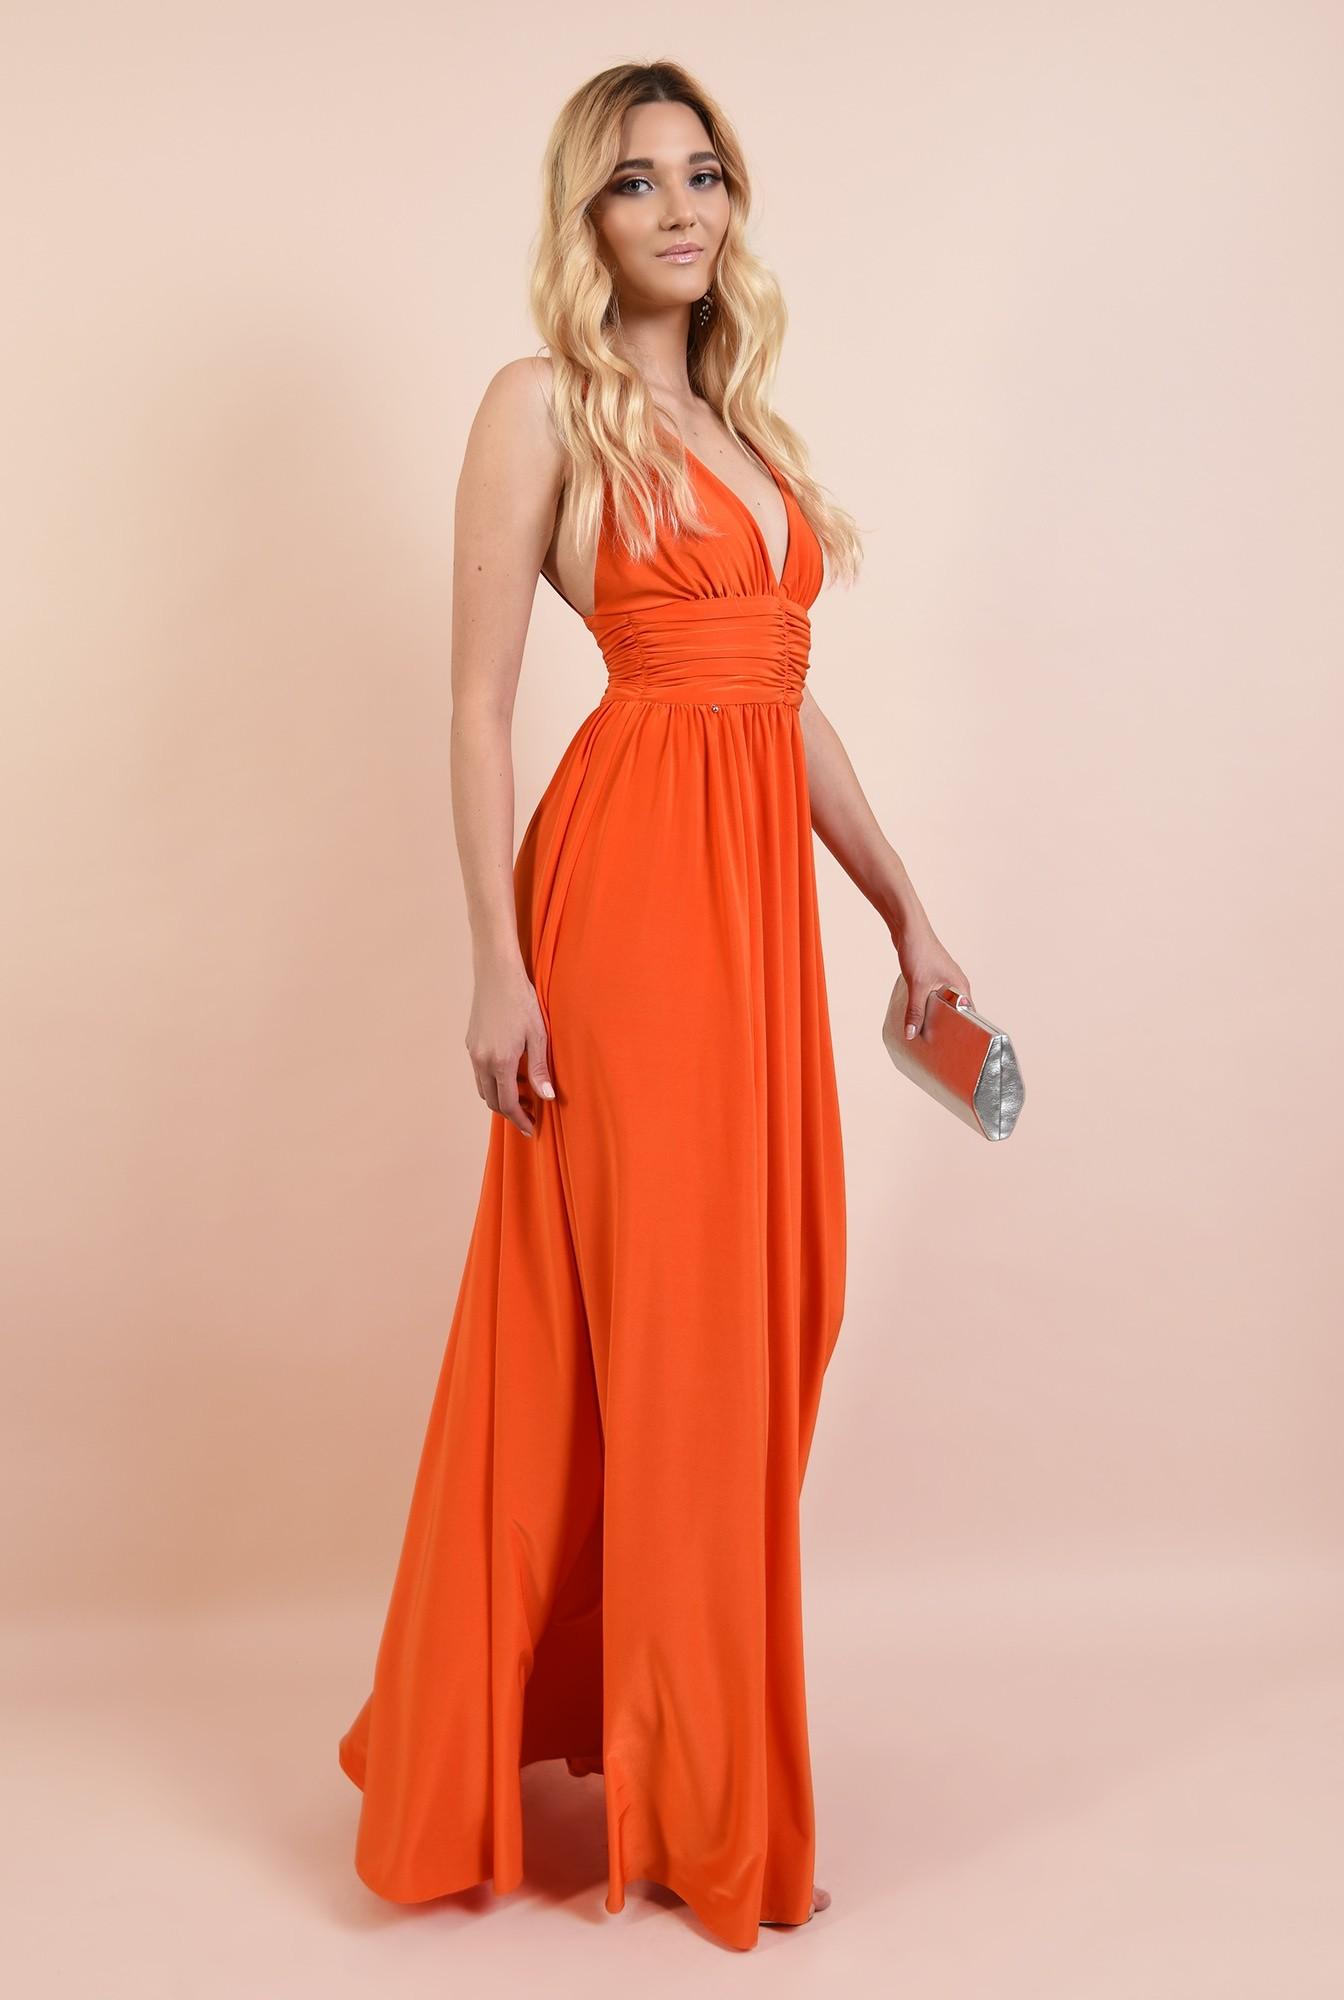 0 - rochie eleganta, cu decolteu adanc, spate dezgolit, bretele, clos, corai